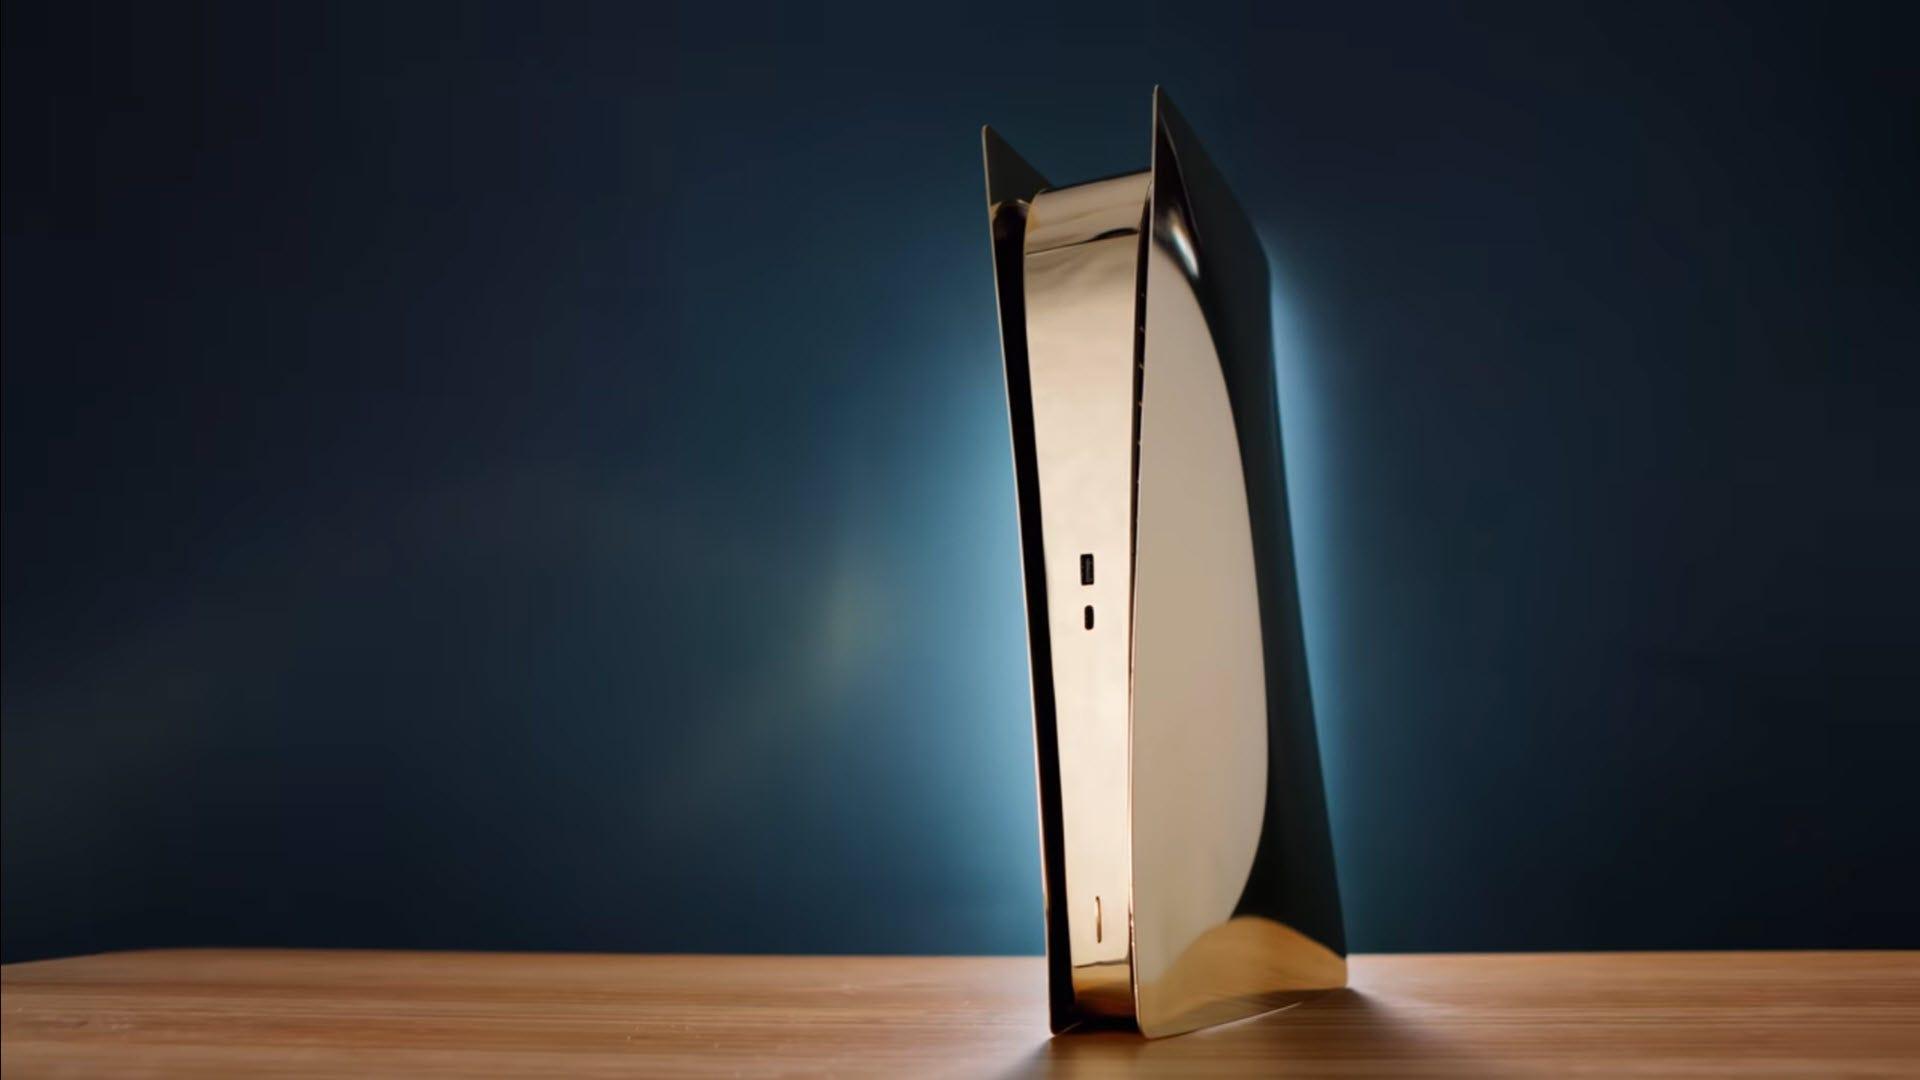 Une PlayStation 5 en laiton sur un bureau en bois.